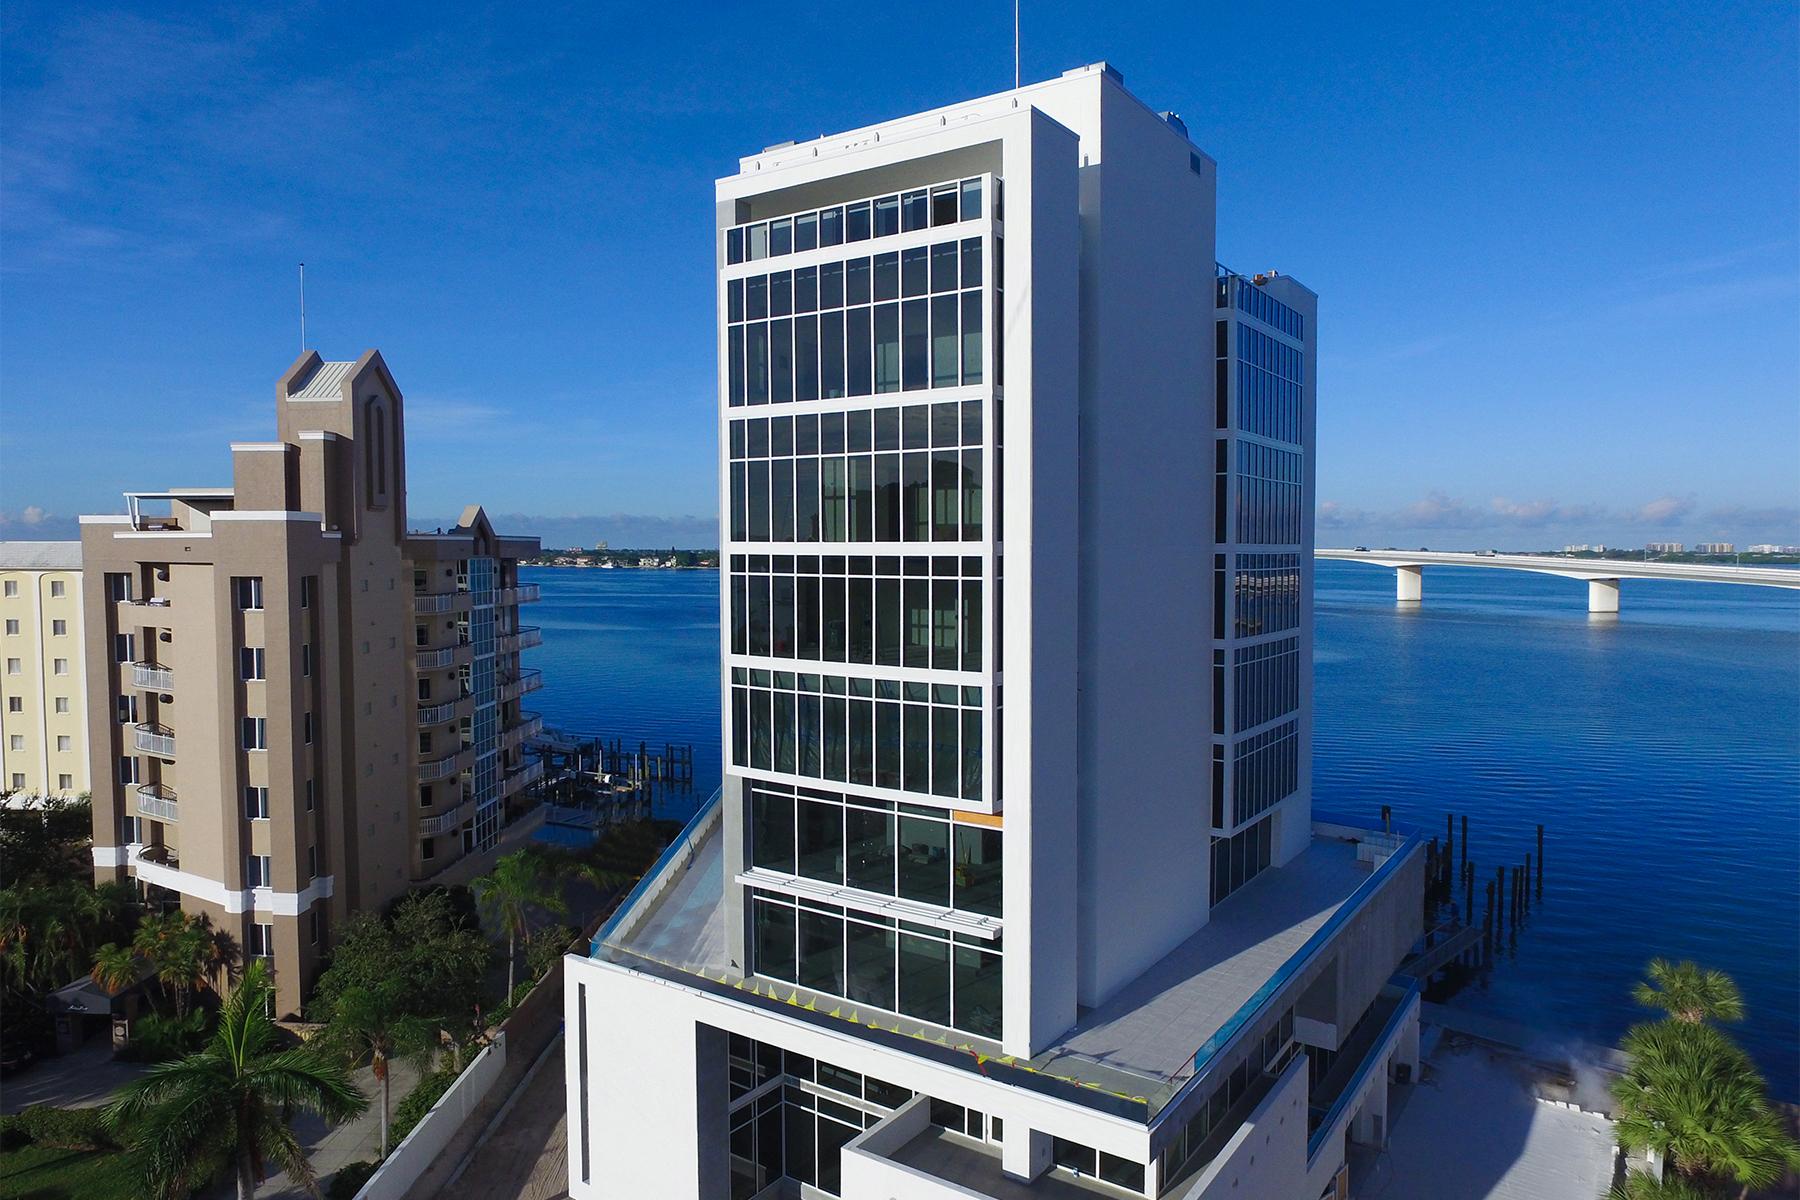 sales property at 280 Golden Gate Pt , Sarasota, FL 34236